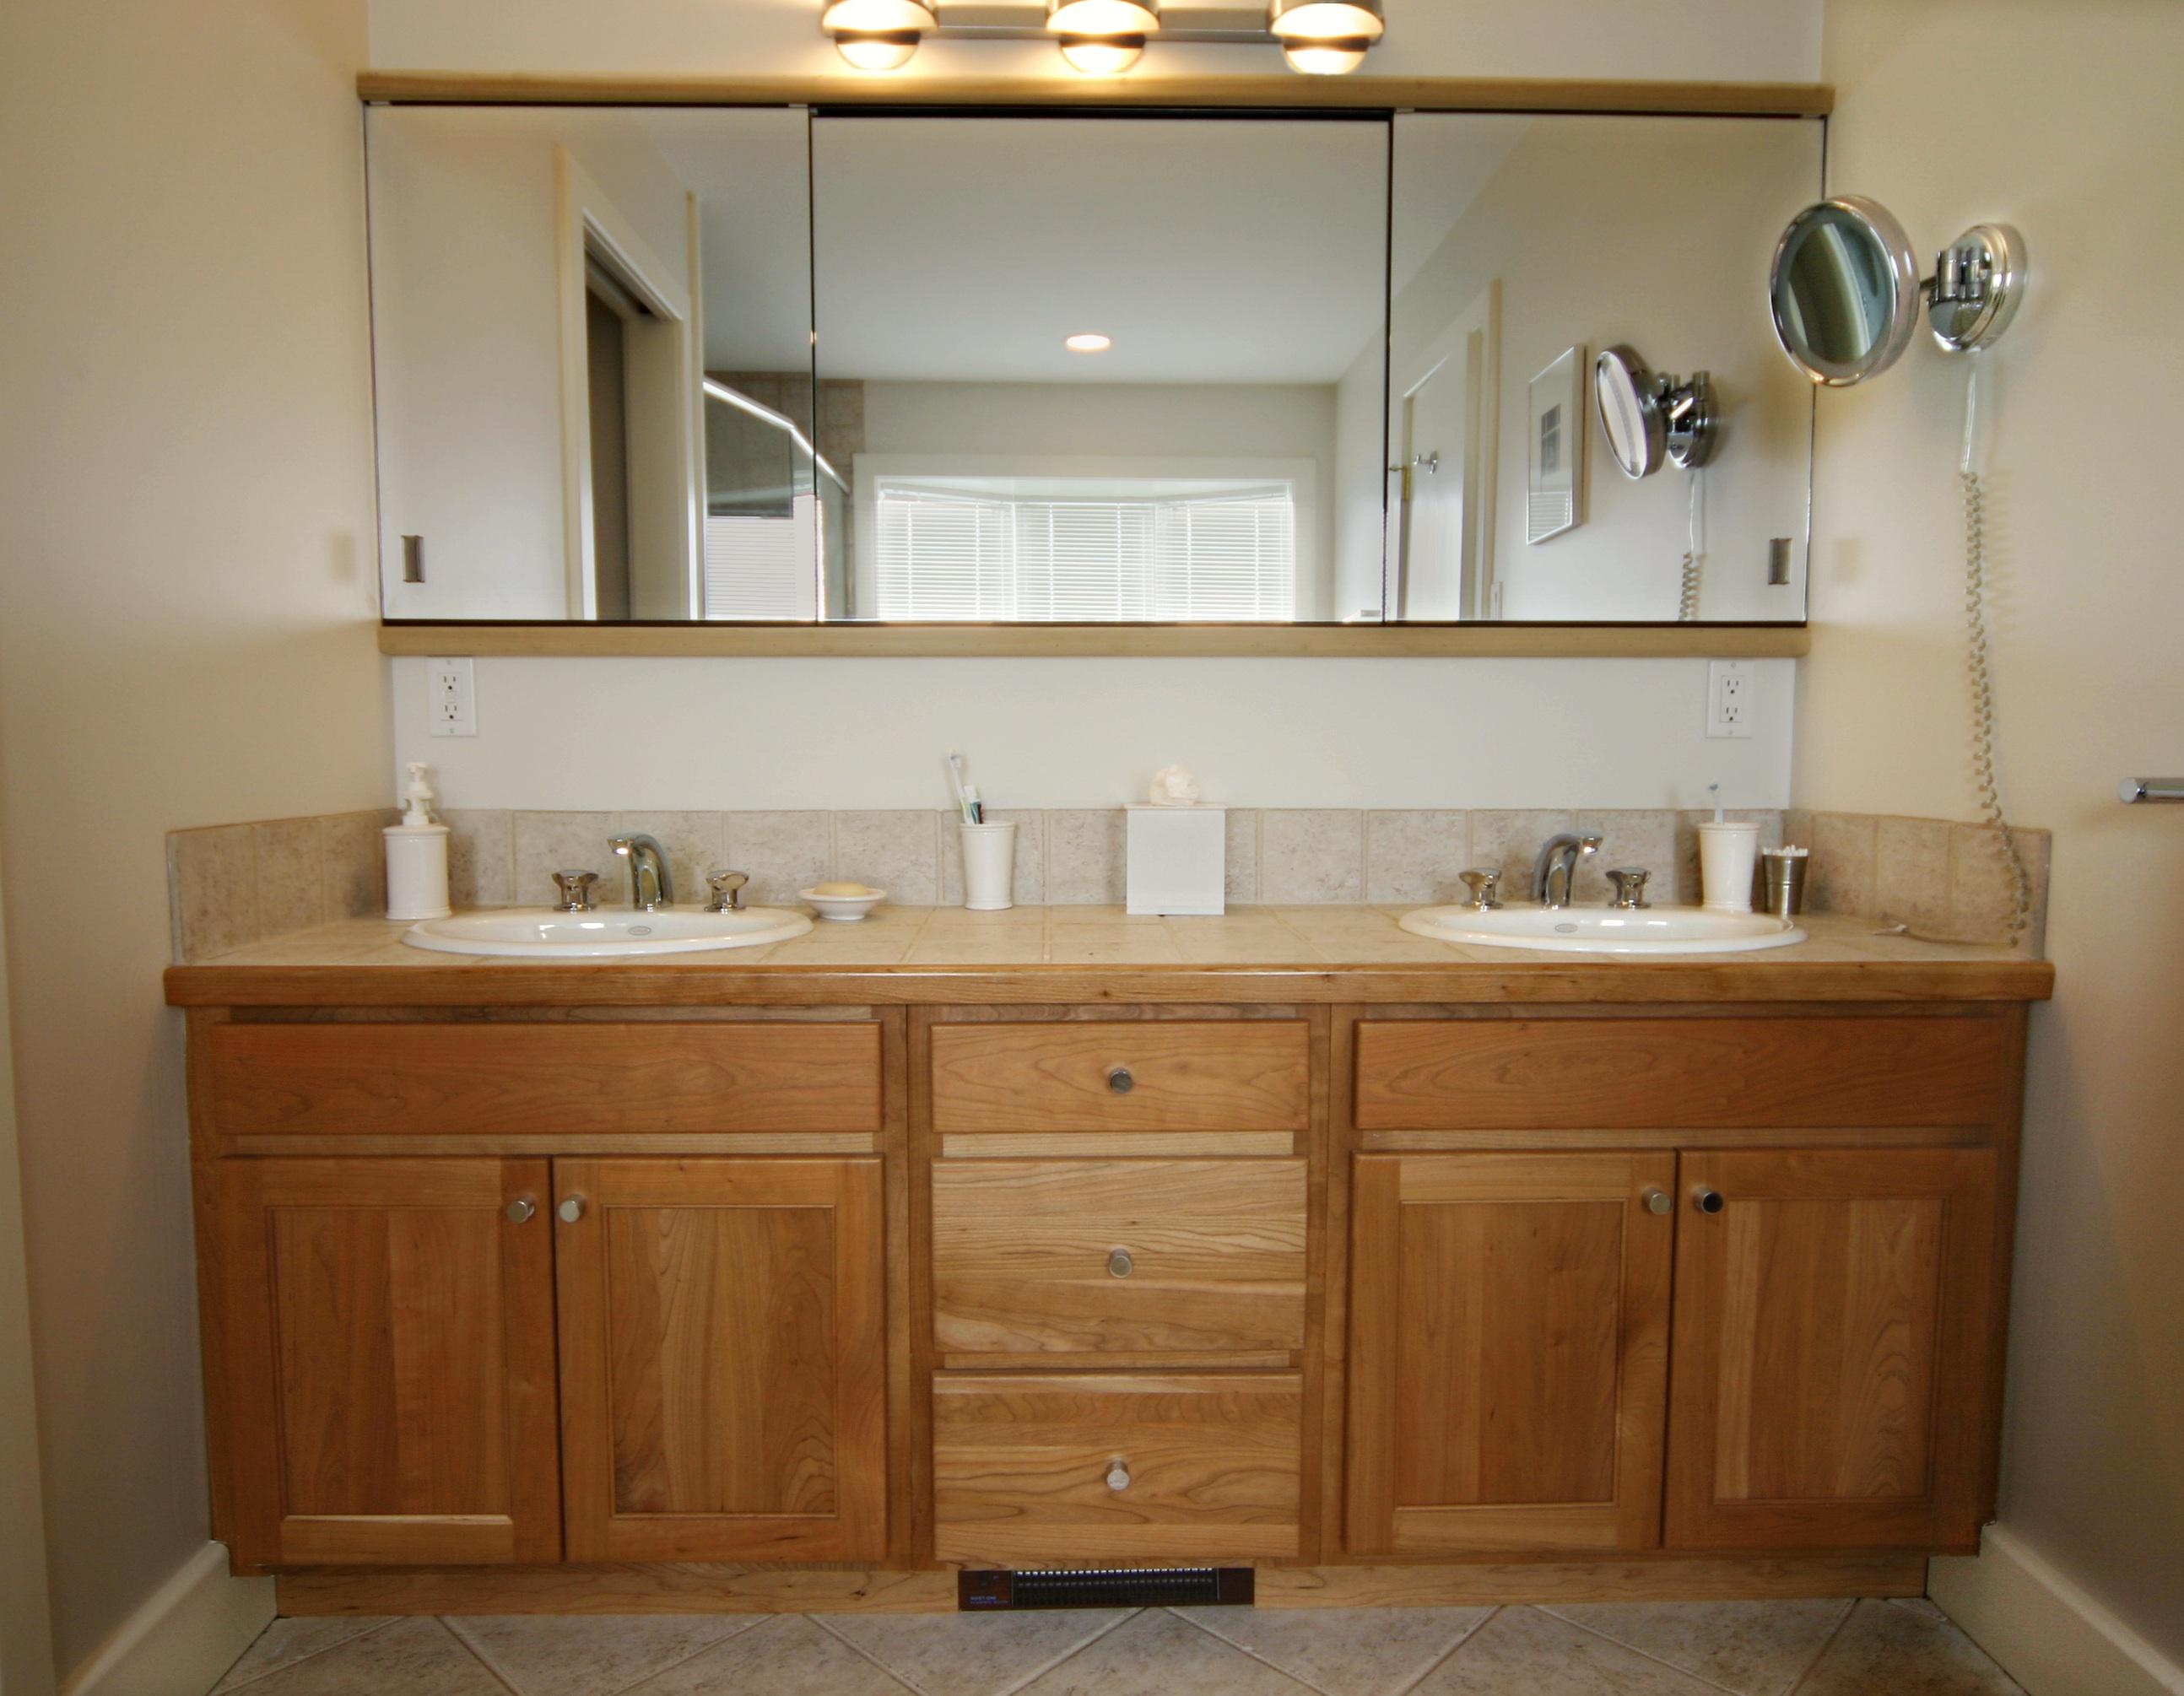 m. bath sink area.jpg